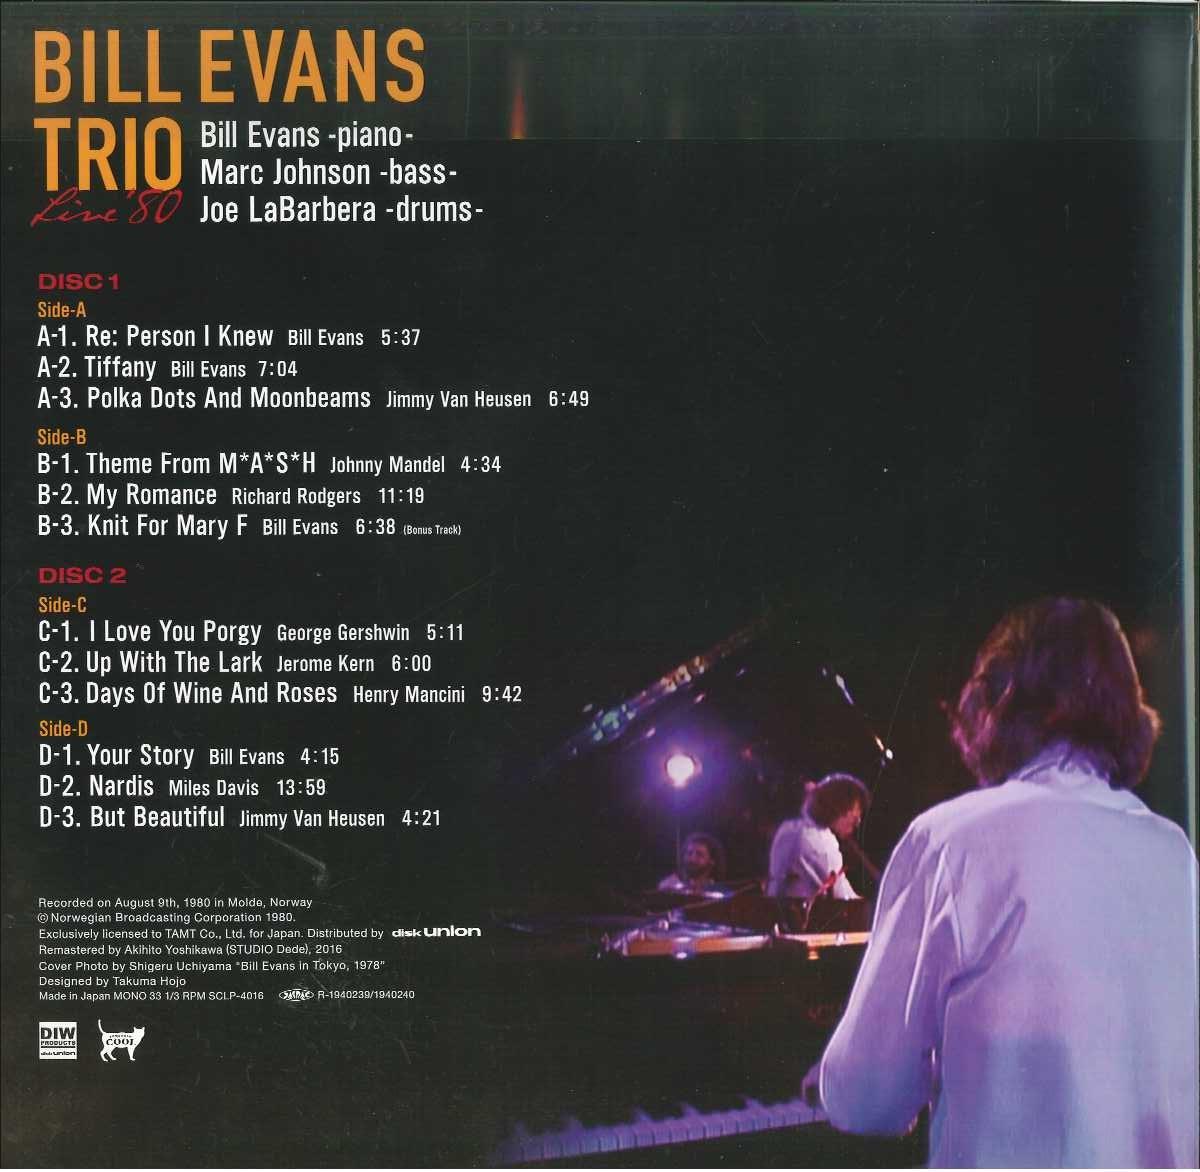 ビル・エヴァンス・トリオ 『ライヴ'80~最後のヨーロッパ~ (LP)(12